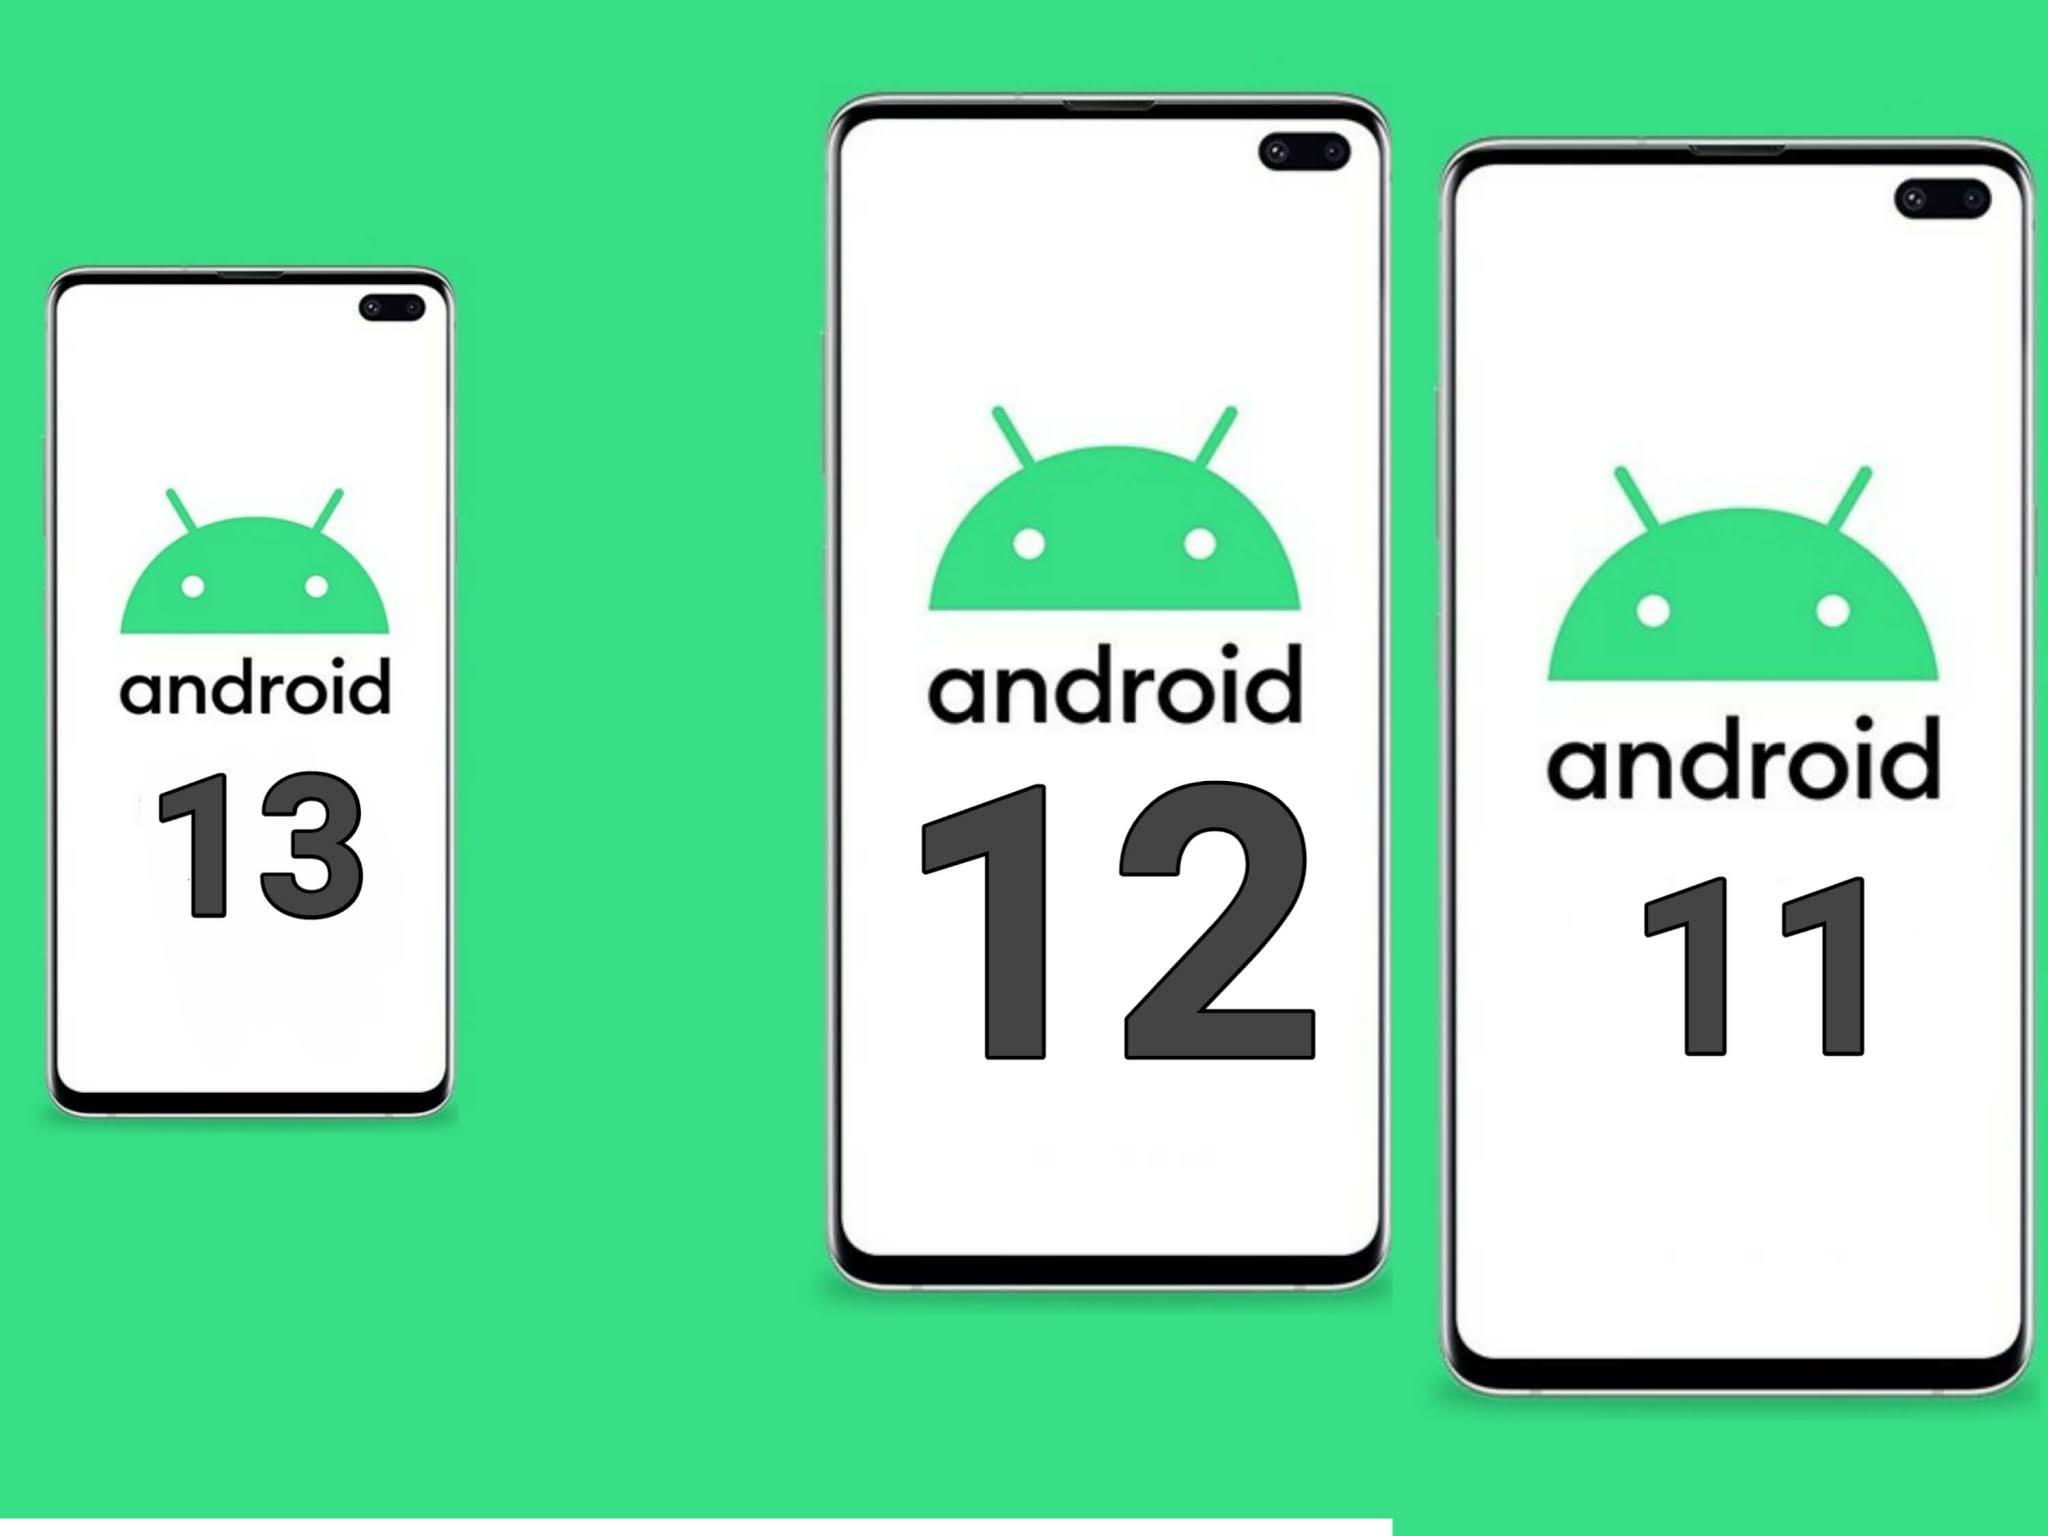 قائمة ب هواتف سامسونج التي ستحصل على تحديثات لإصدارات نظام أندرويد لمدة ثلاث سنوات